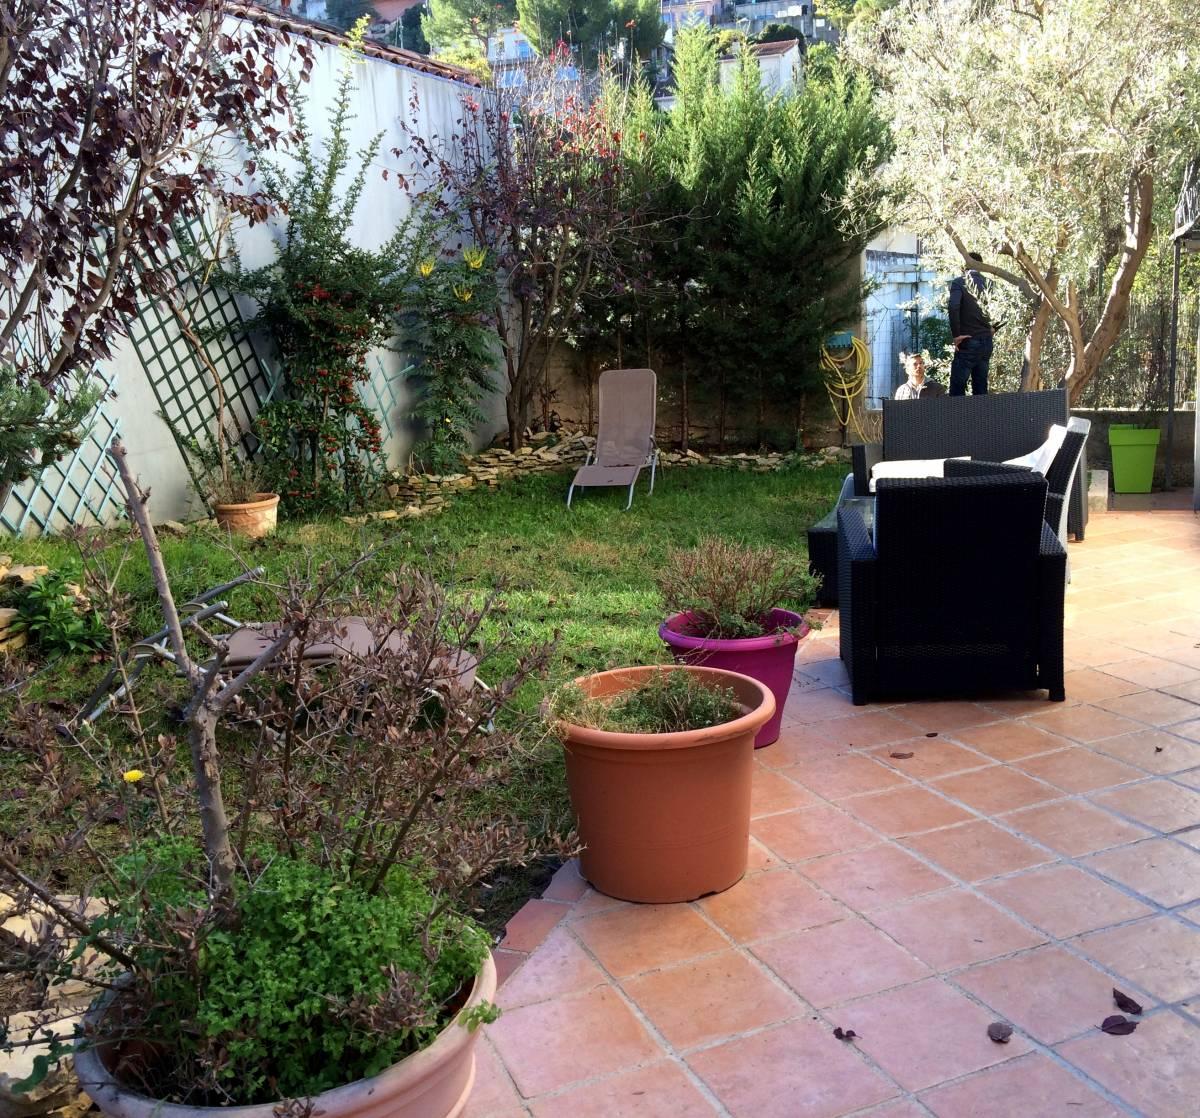 Aménagement D'un Jardin De Ville Avec Mini Piscine À ... intérieur Aménagement D Un Petit Jardin De Ville